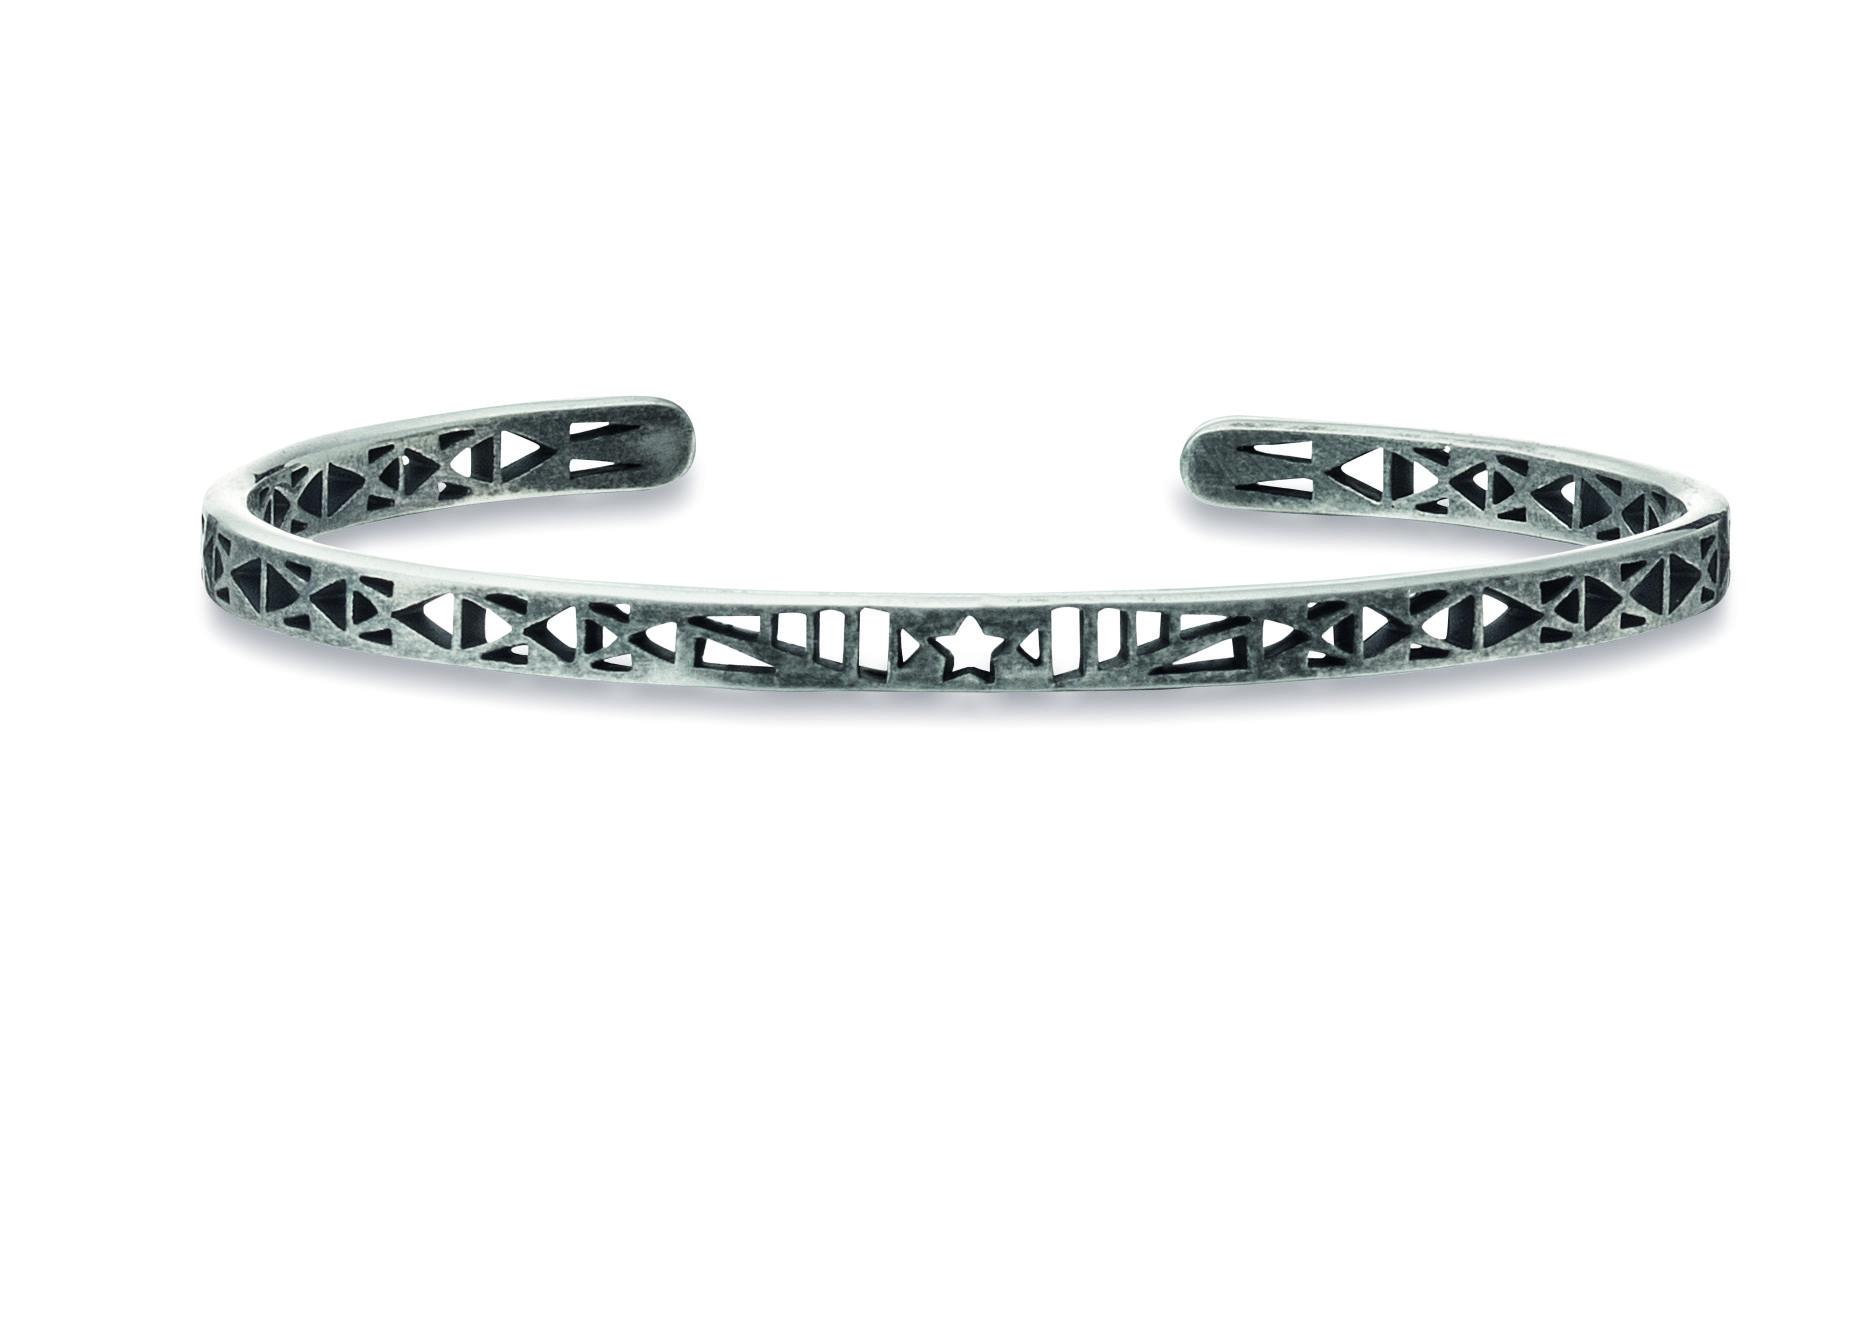 caï jewels | silver bracelet | fall/winter 2014/2015 | cai men | unisex crosses | www.cai-jewels.com